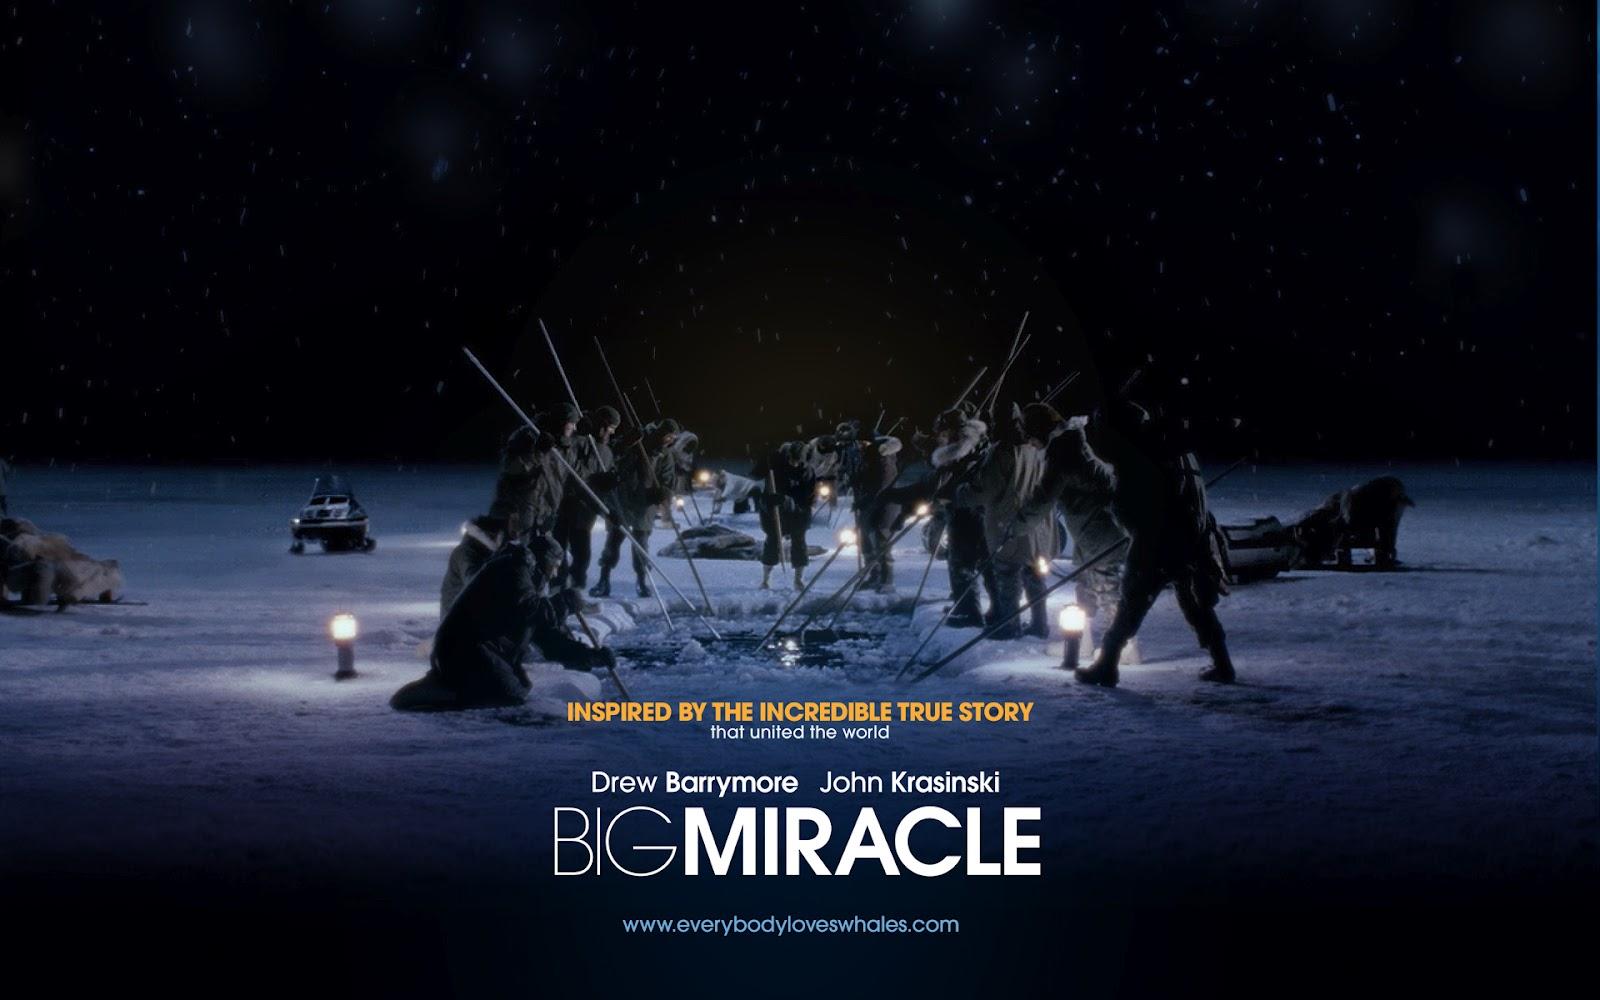 http://2.bp.blogspot.com/-_GbzJWTiGy4/T0JybZsysxI/AAAAAAAAAOM/Ou6vERLNa14/s1600/psupero+du+film+Big_Miracle_Wallpaper.jpg